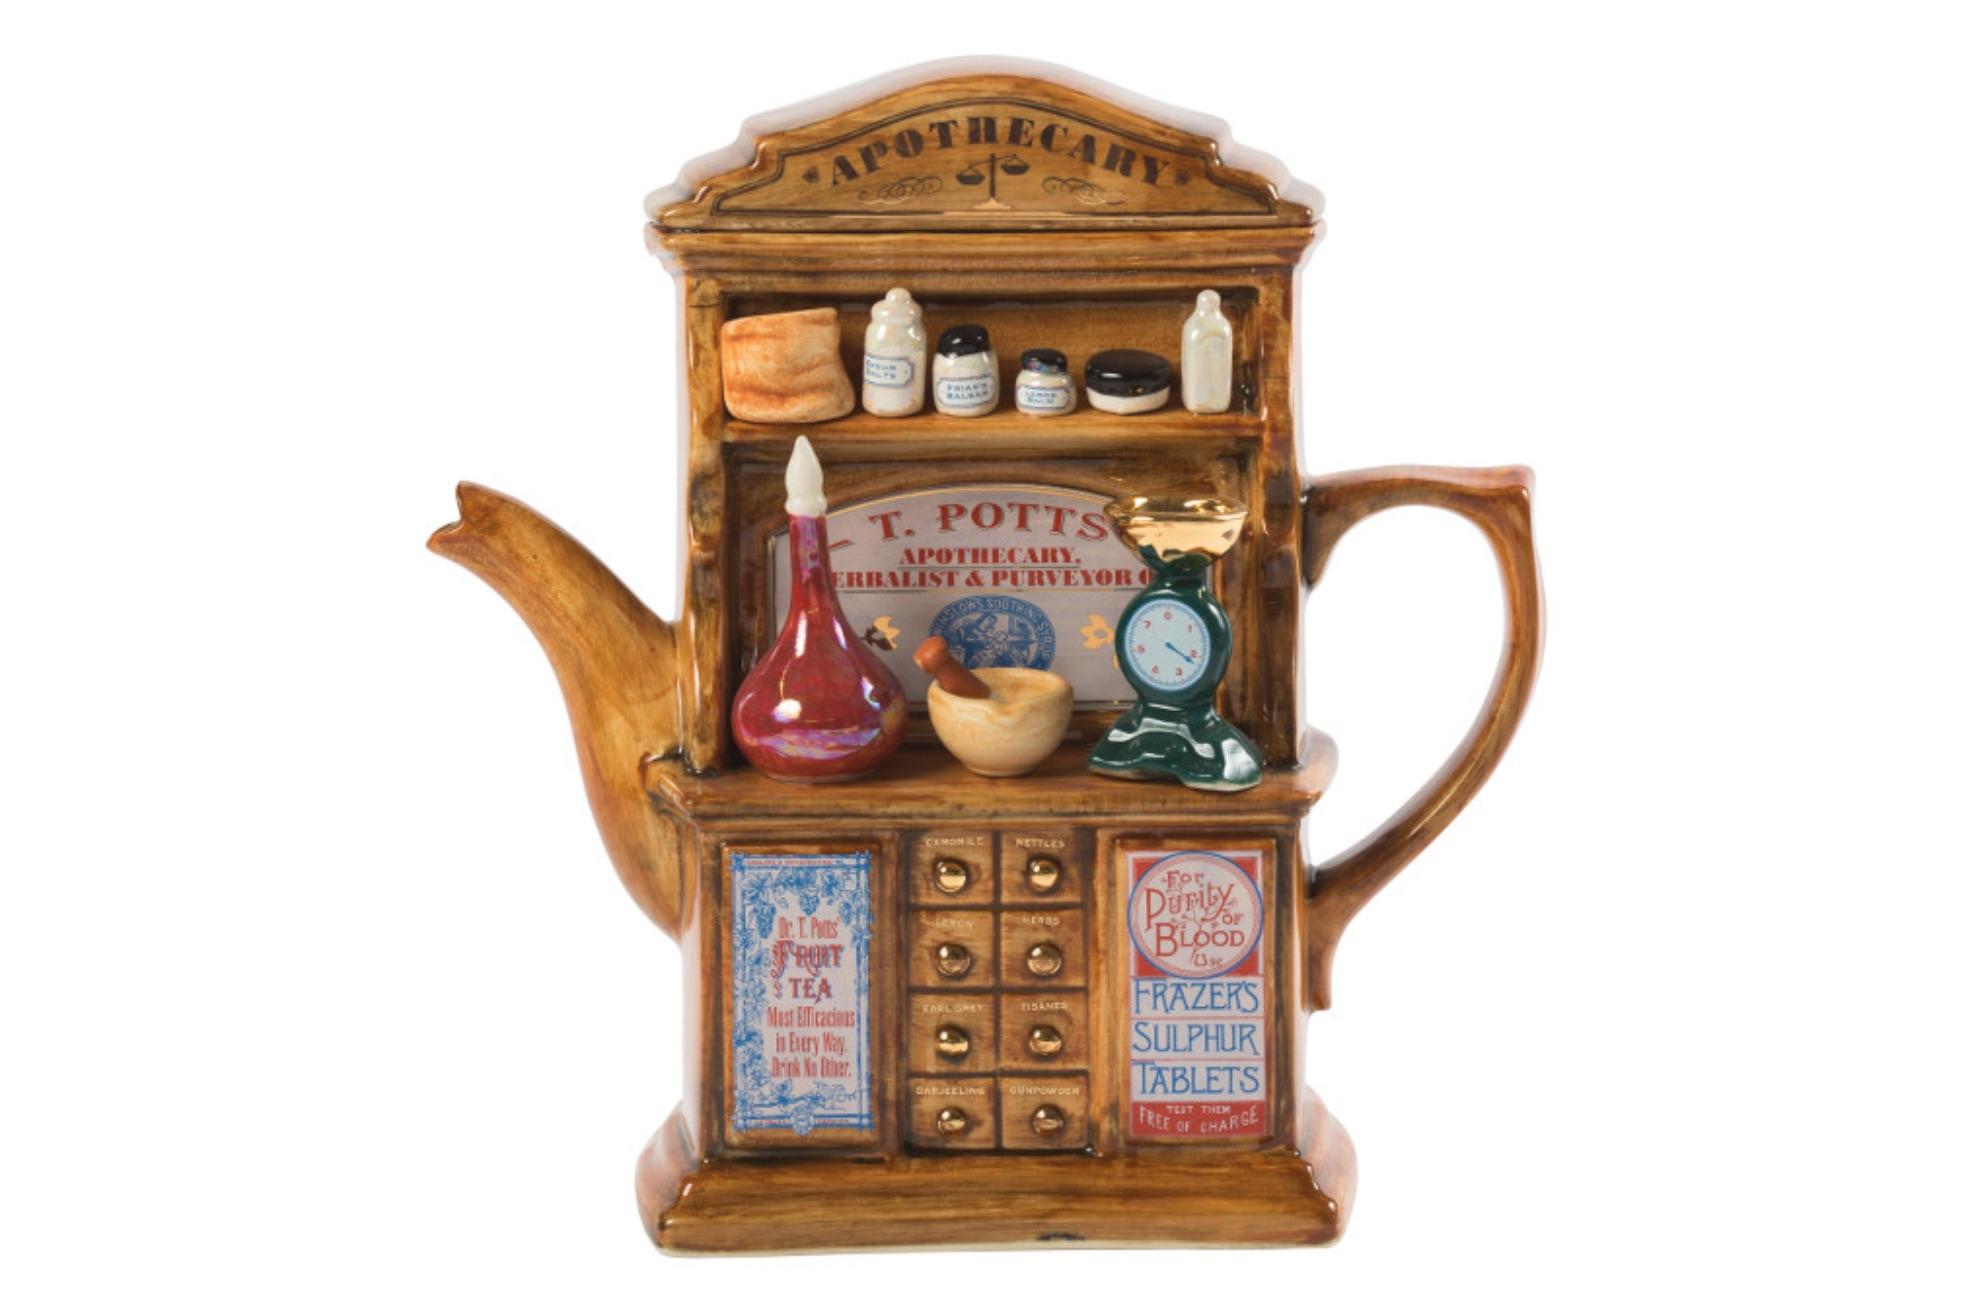 apothecary novelty tea pot